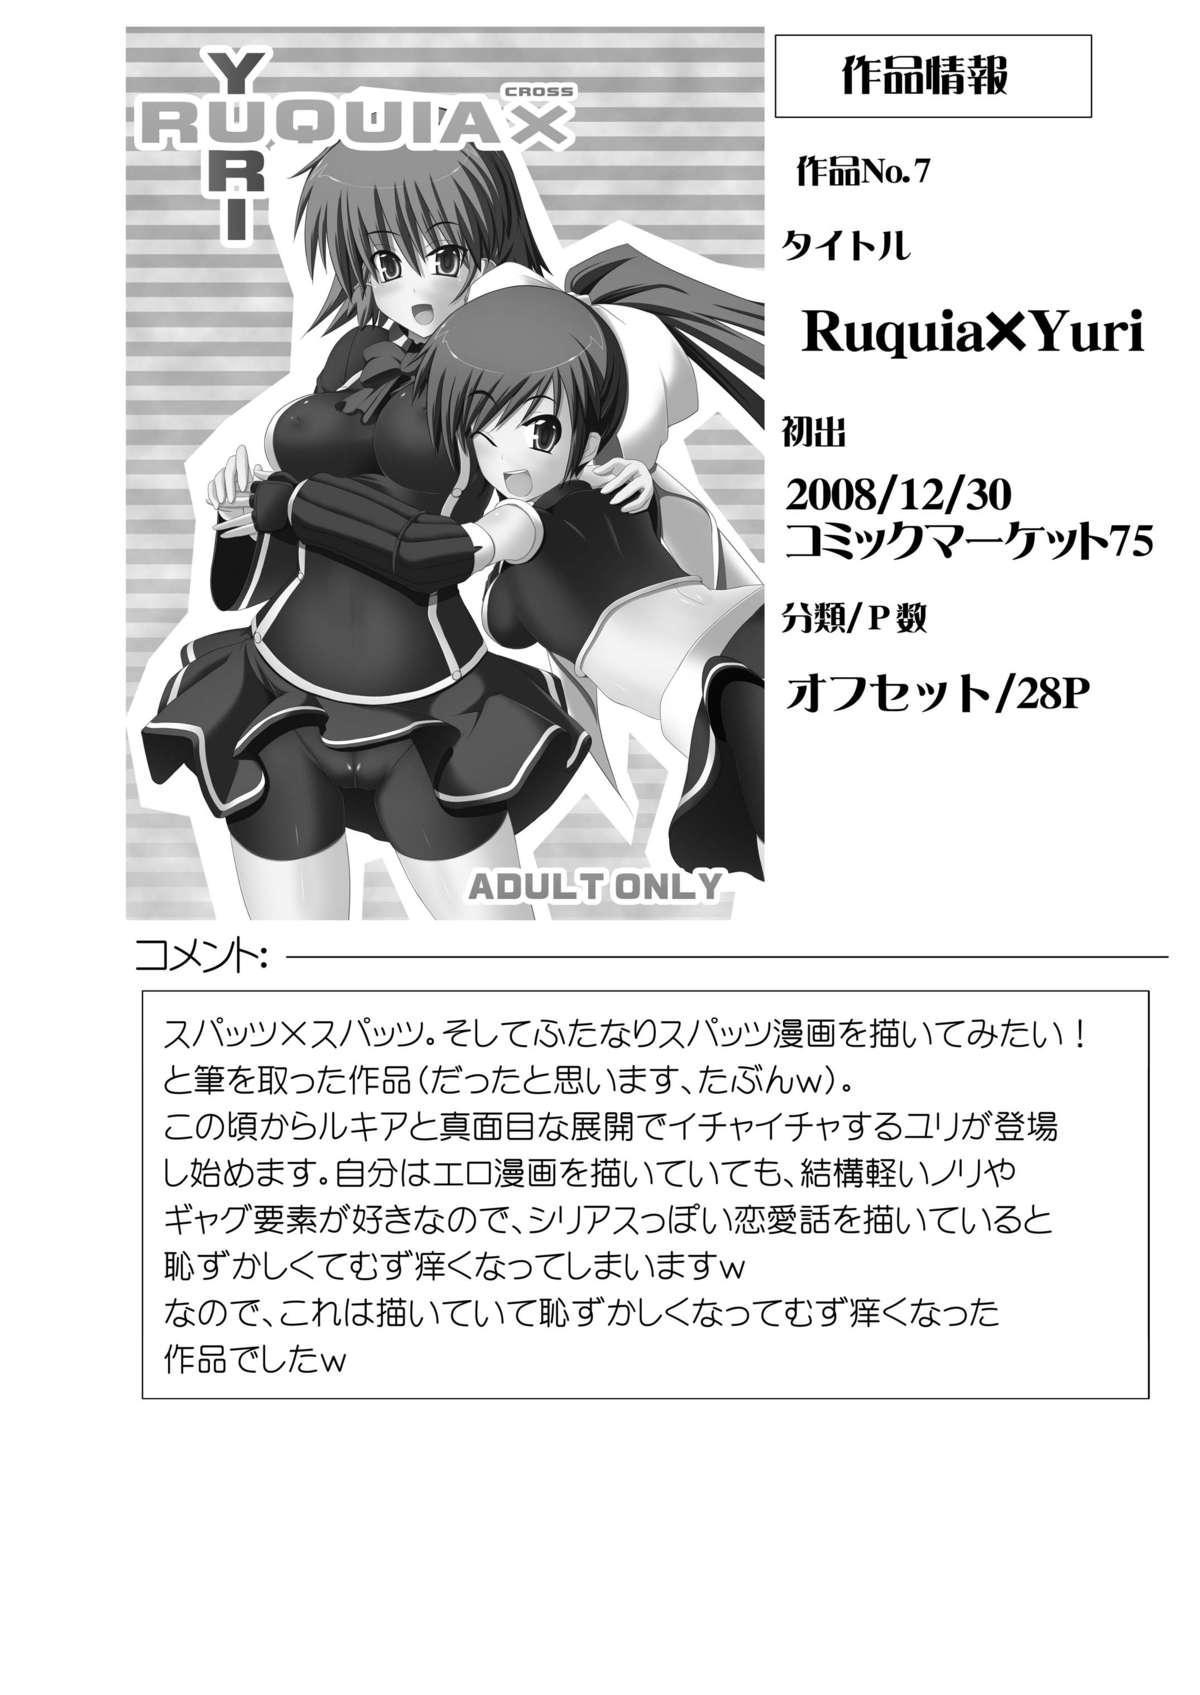 Stapspats QMA Soushuuhen 2: Marumaru Issatsu! Ruquia Hon!! 21